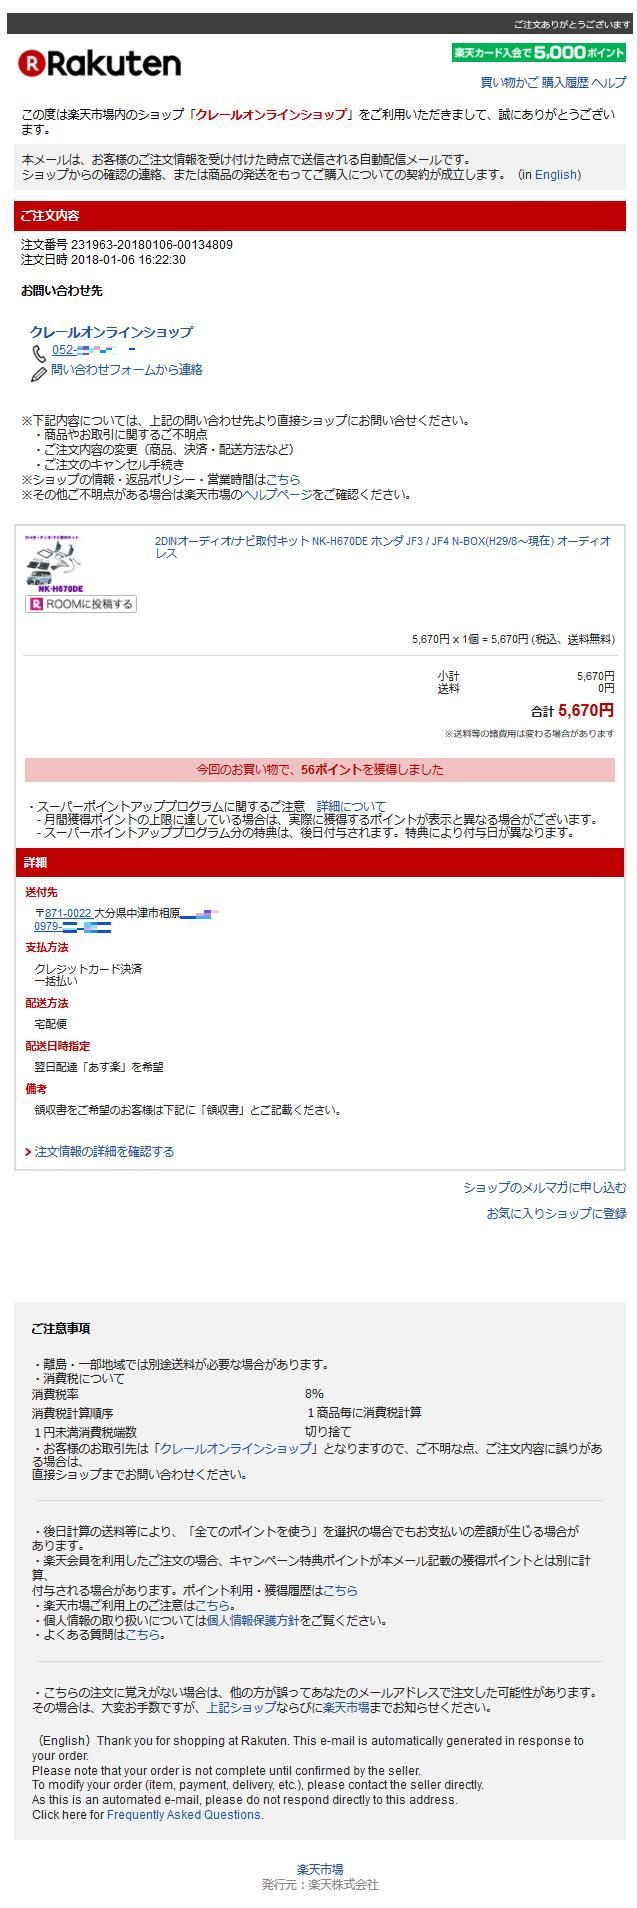 【楽天市場】注文内容ご確認(自動配信メール)詐欺メール2